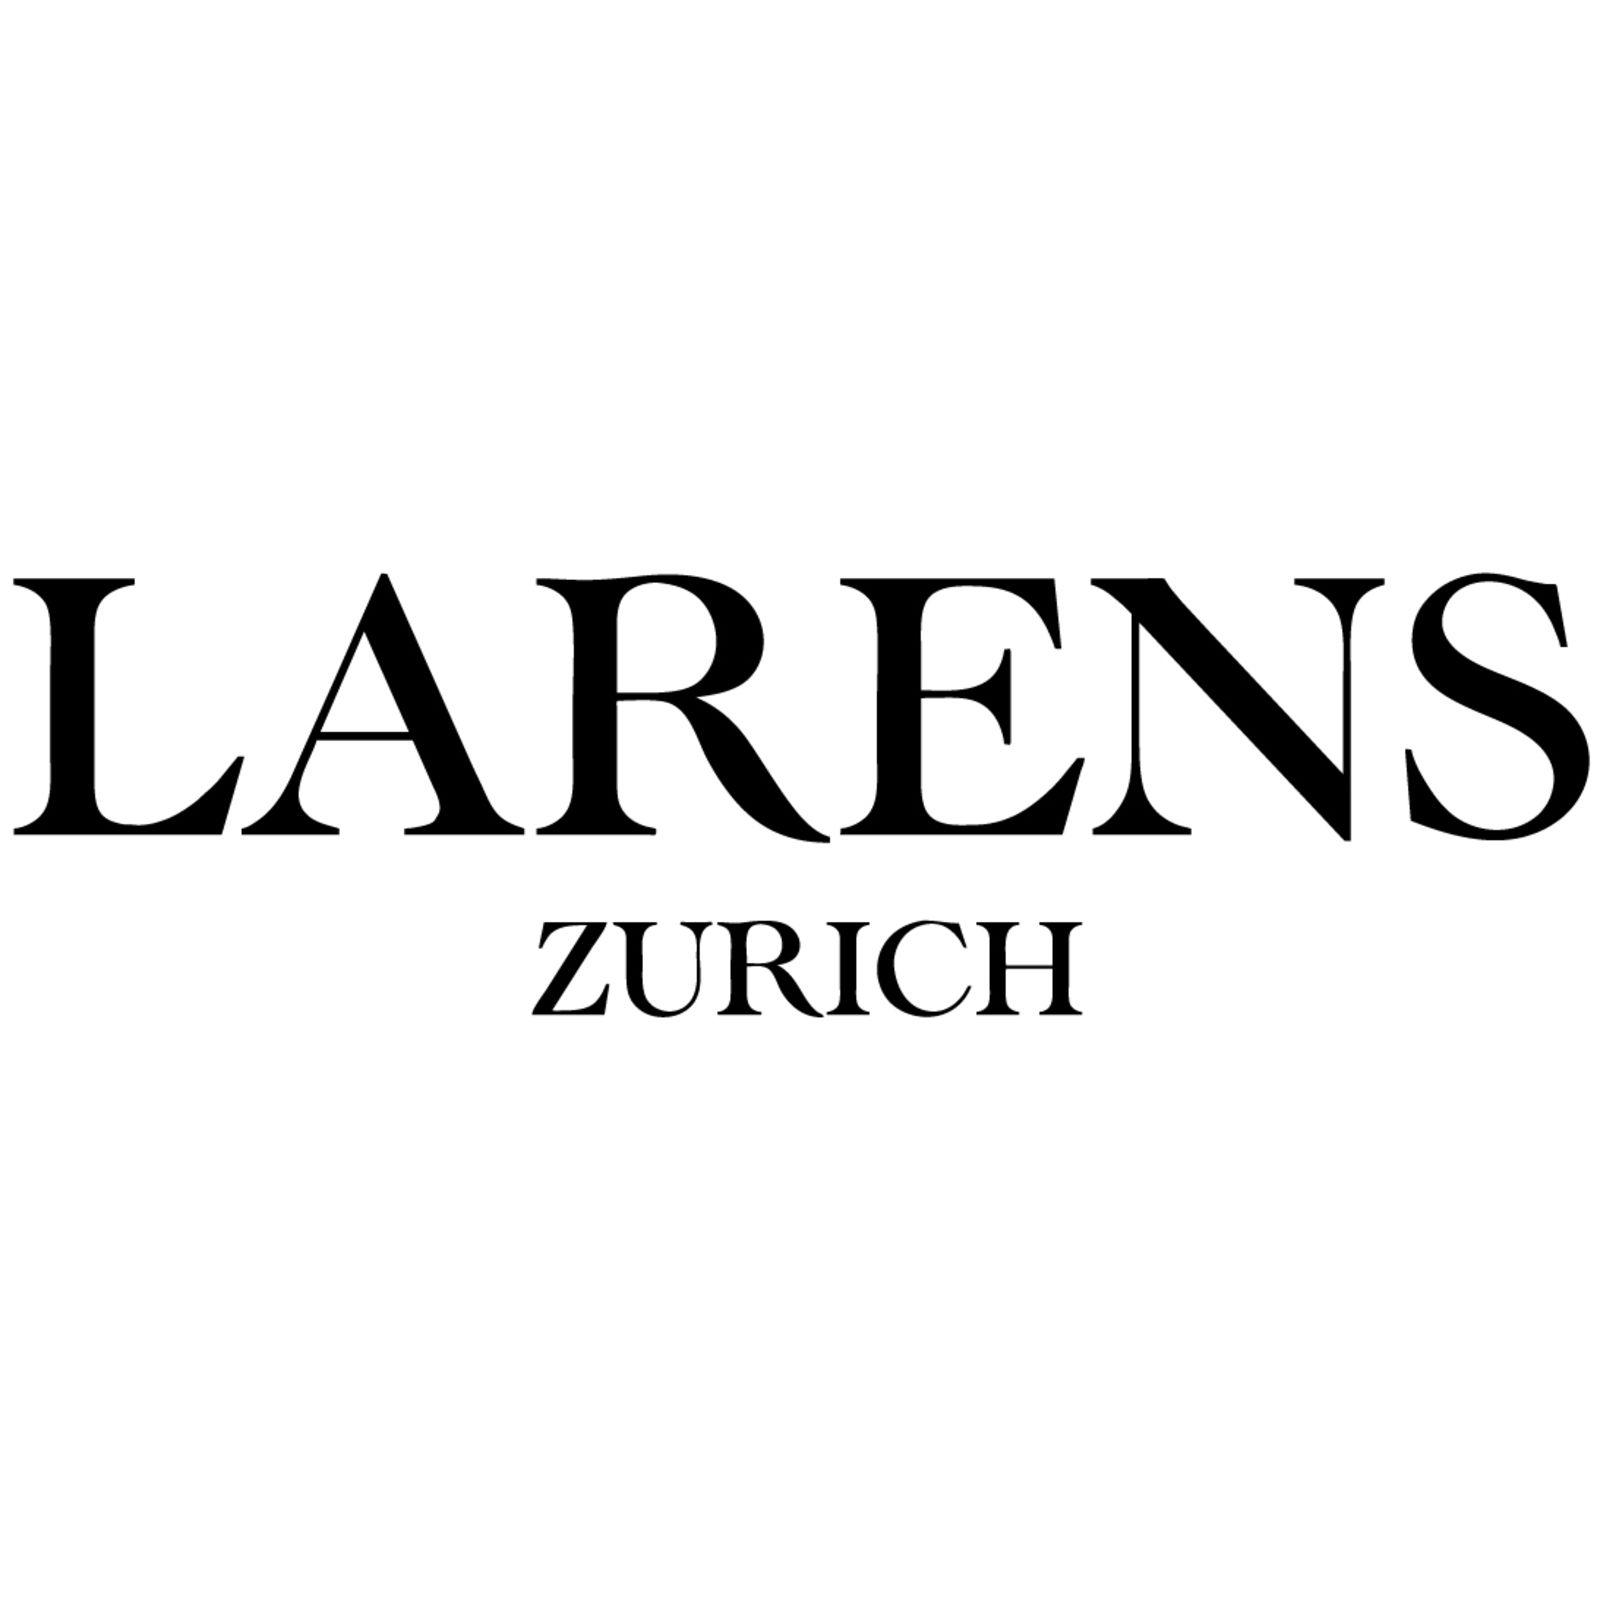 LARENS ZURICH